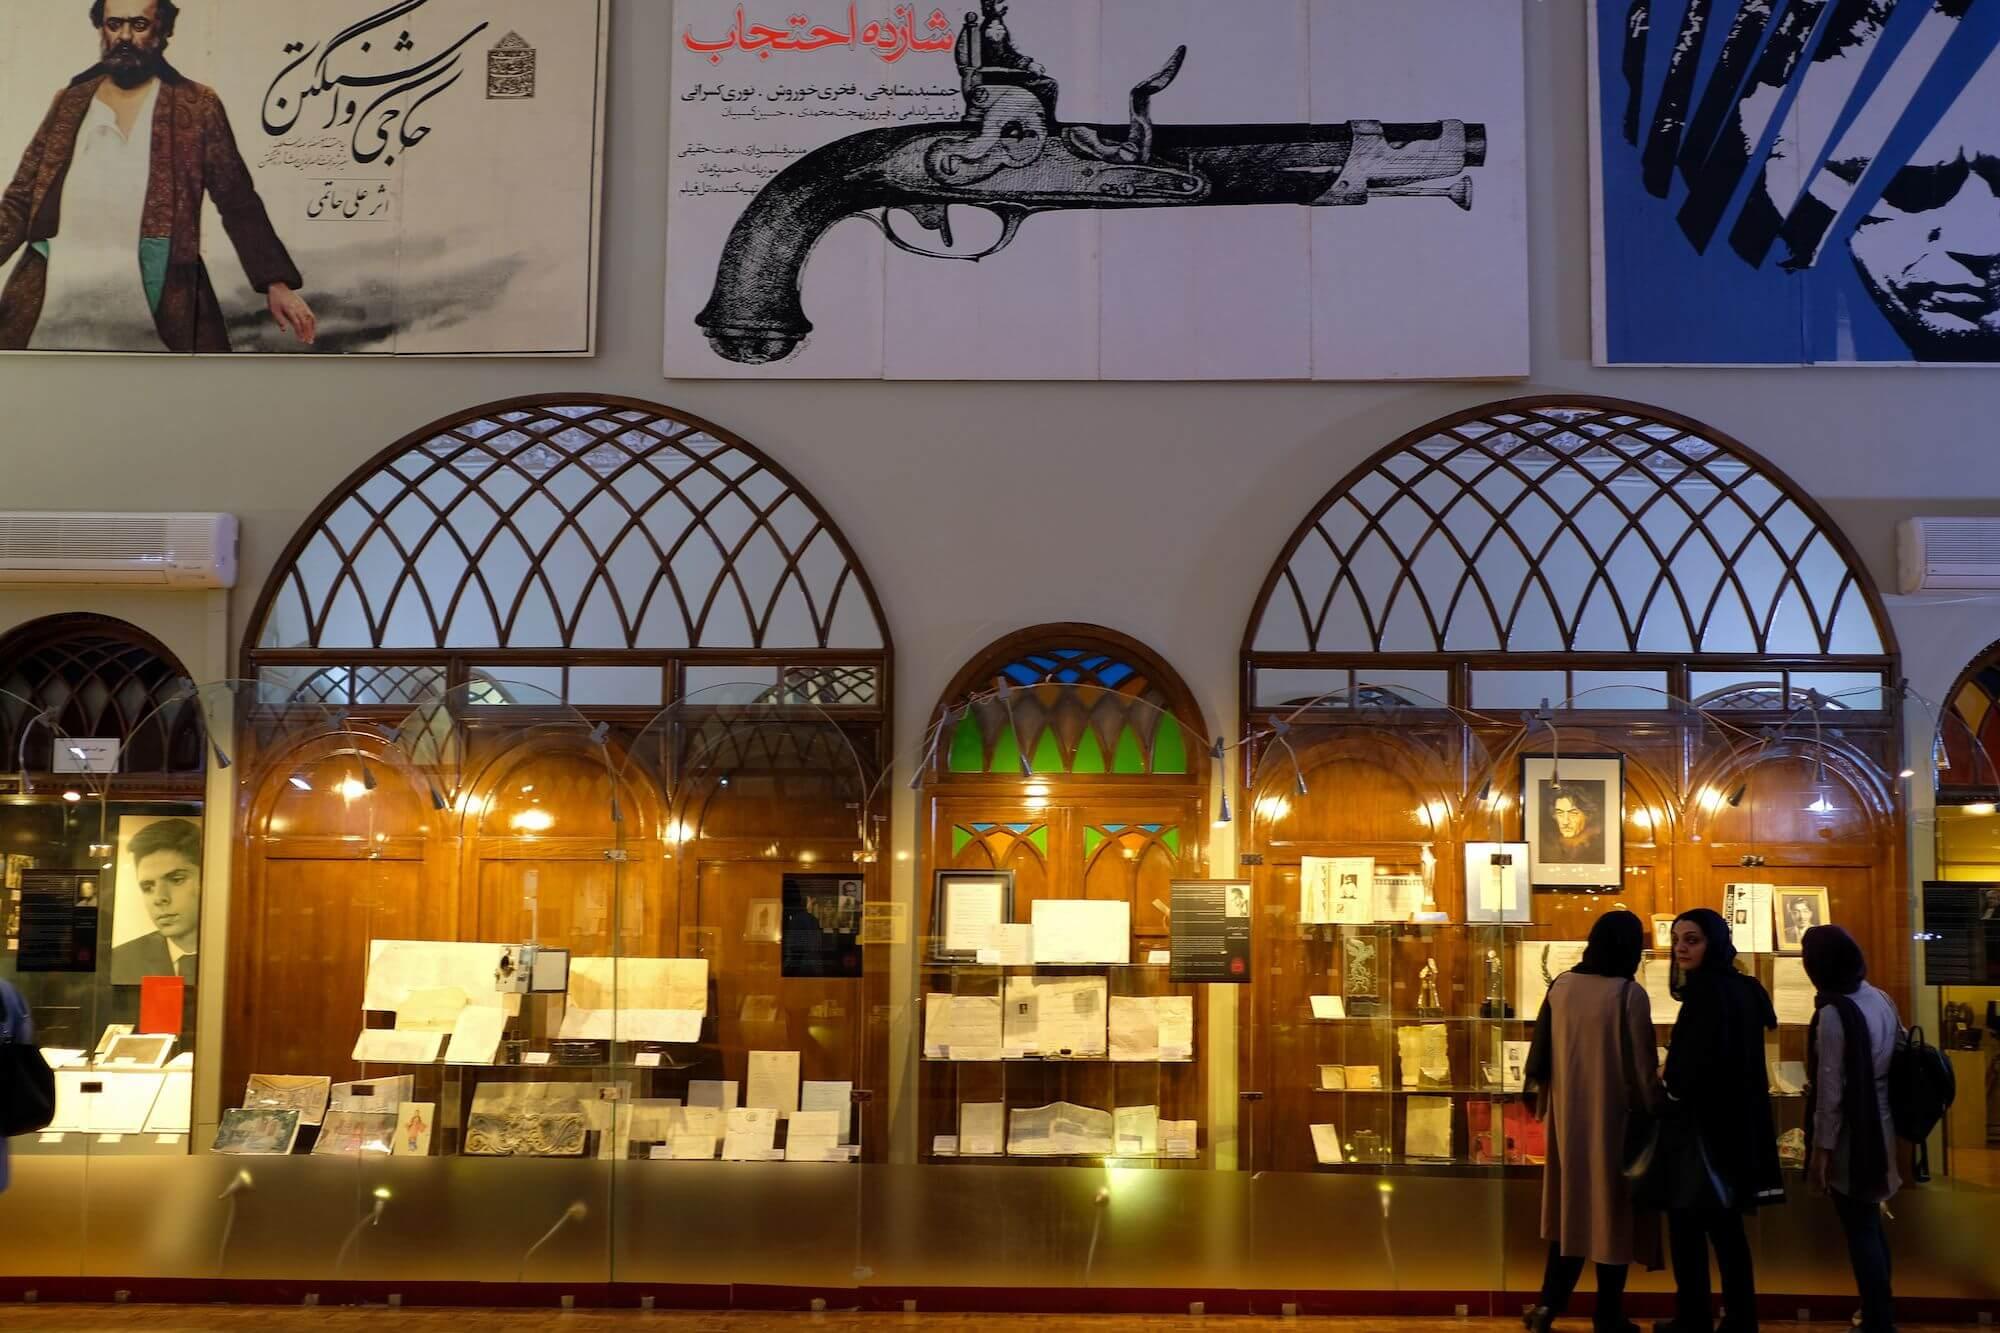 Teheran Museo del Cinema 2 compressor 3 giorni a Teheran